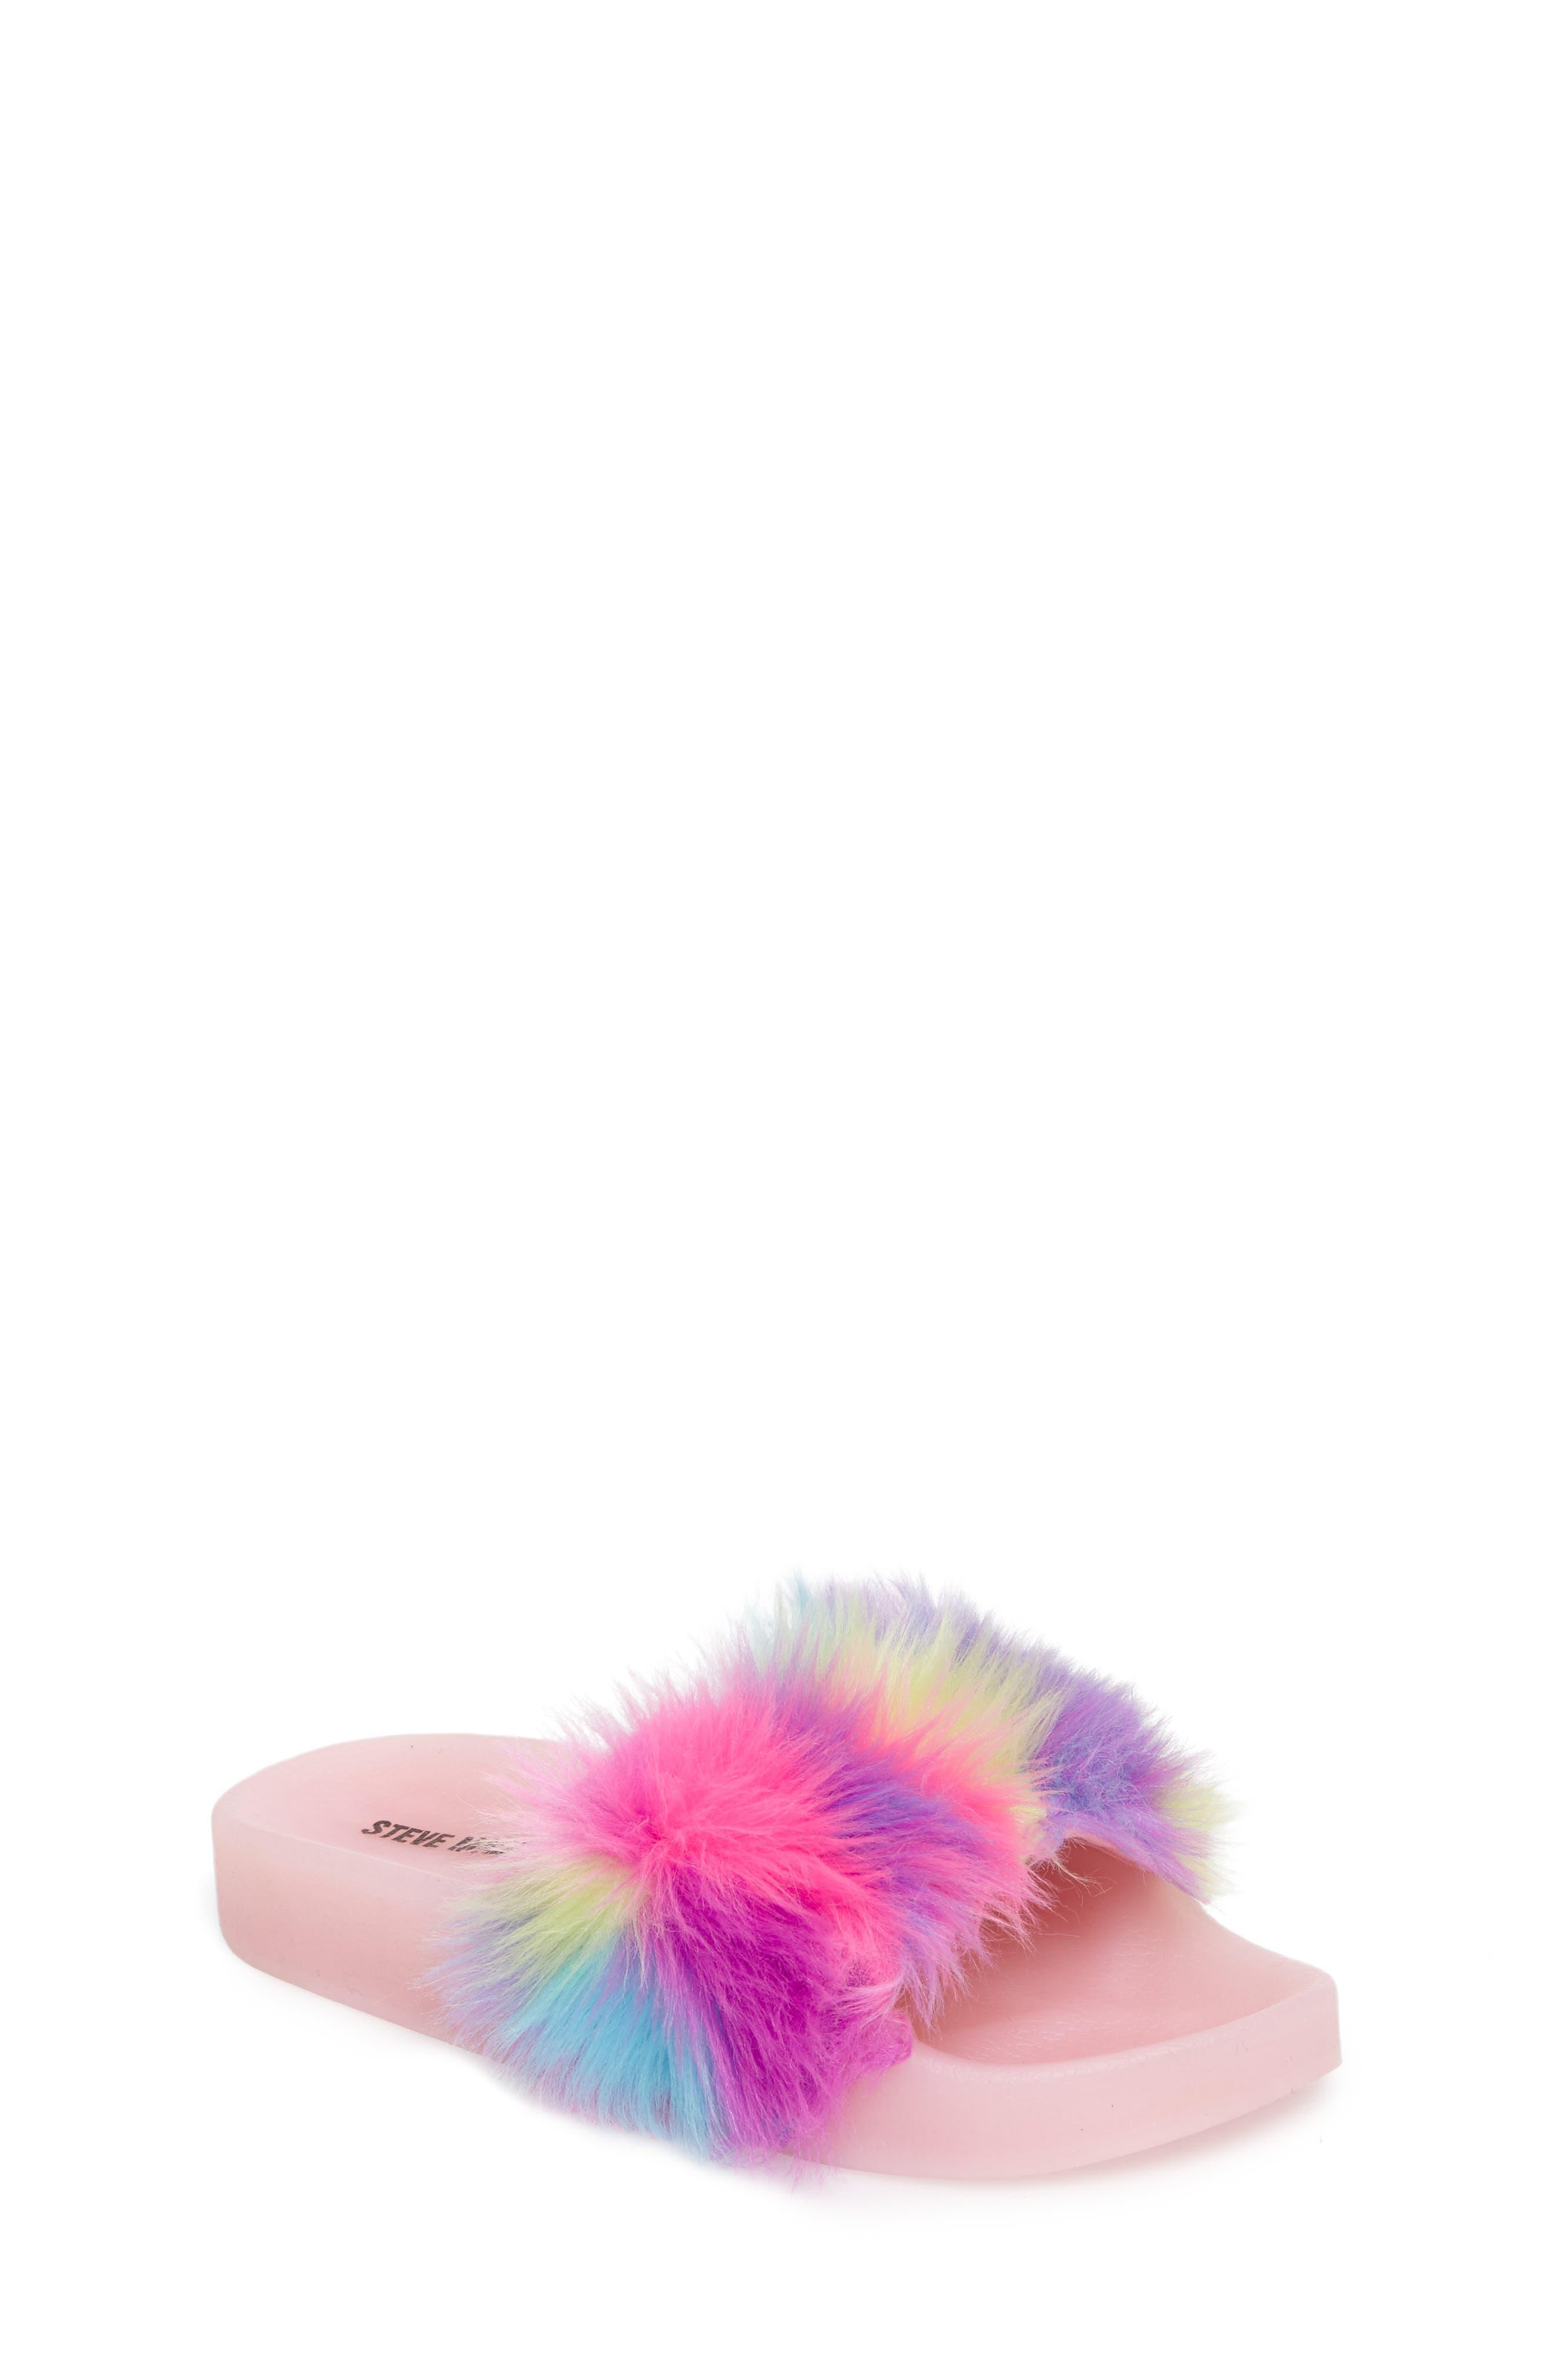 Jlights Faux Fur Light-Up Slide Sandal,                         Main,                         color, 650